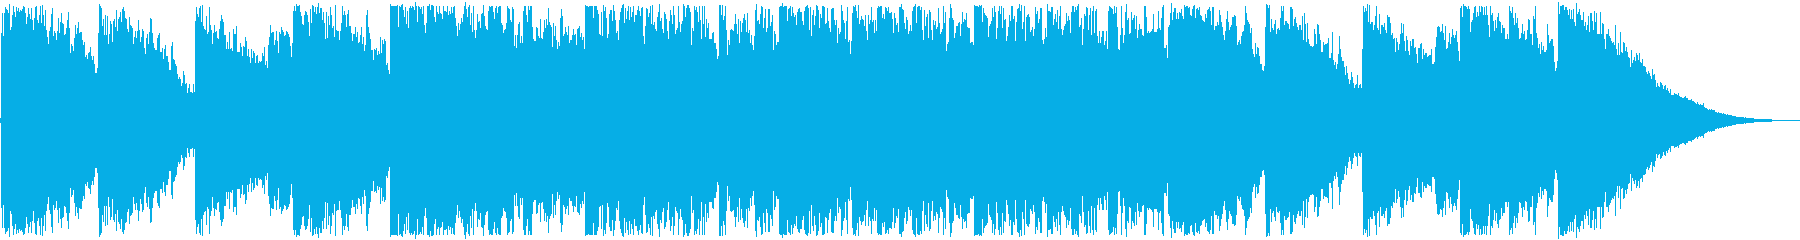 CM・おしゃれな洋楽ポップ・女性ボーカルの再生済みの波形